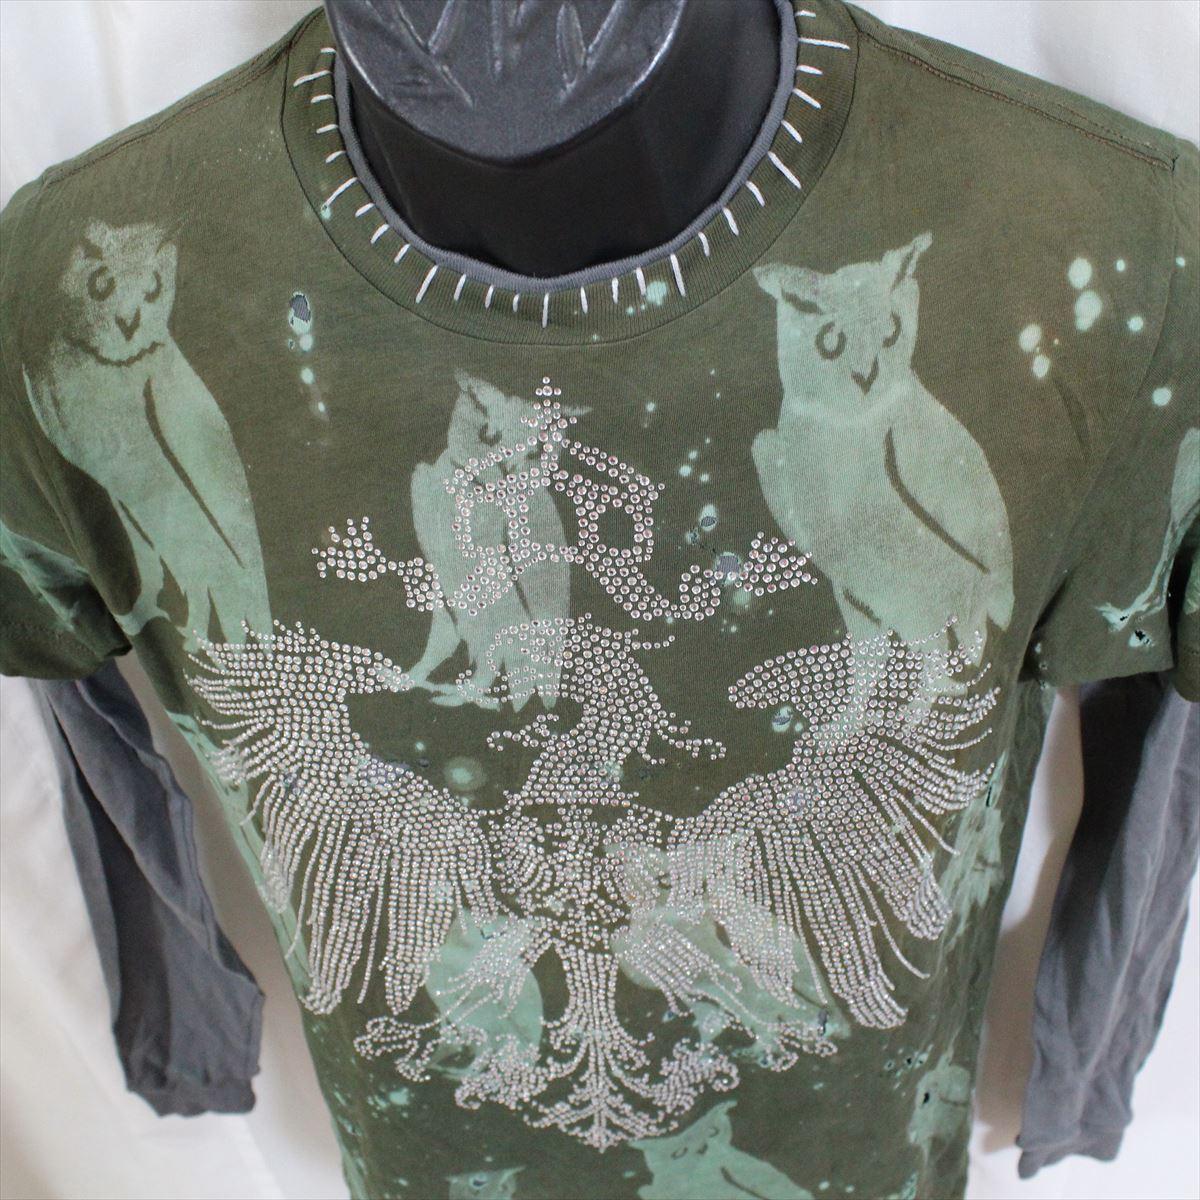 アイコニック ICONIC COUTURE メンズ長袖Tシャツ カーキグリーン Sサイズ 新品 ダブルスリーブ フクロウ アメリカ製_画像3